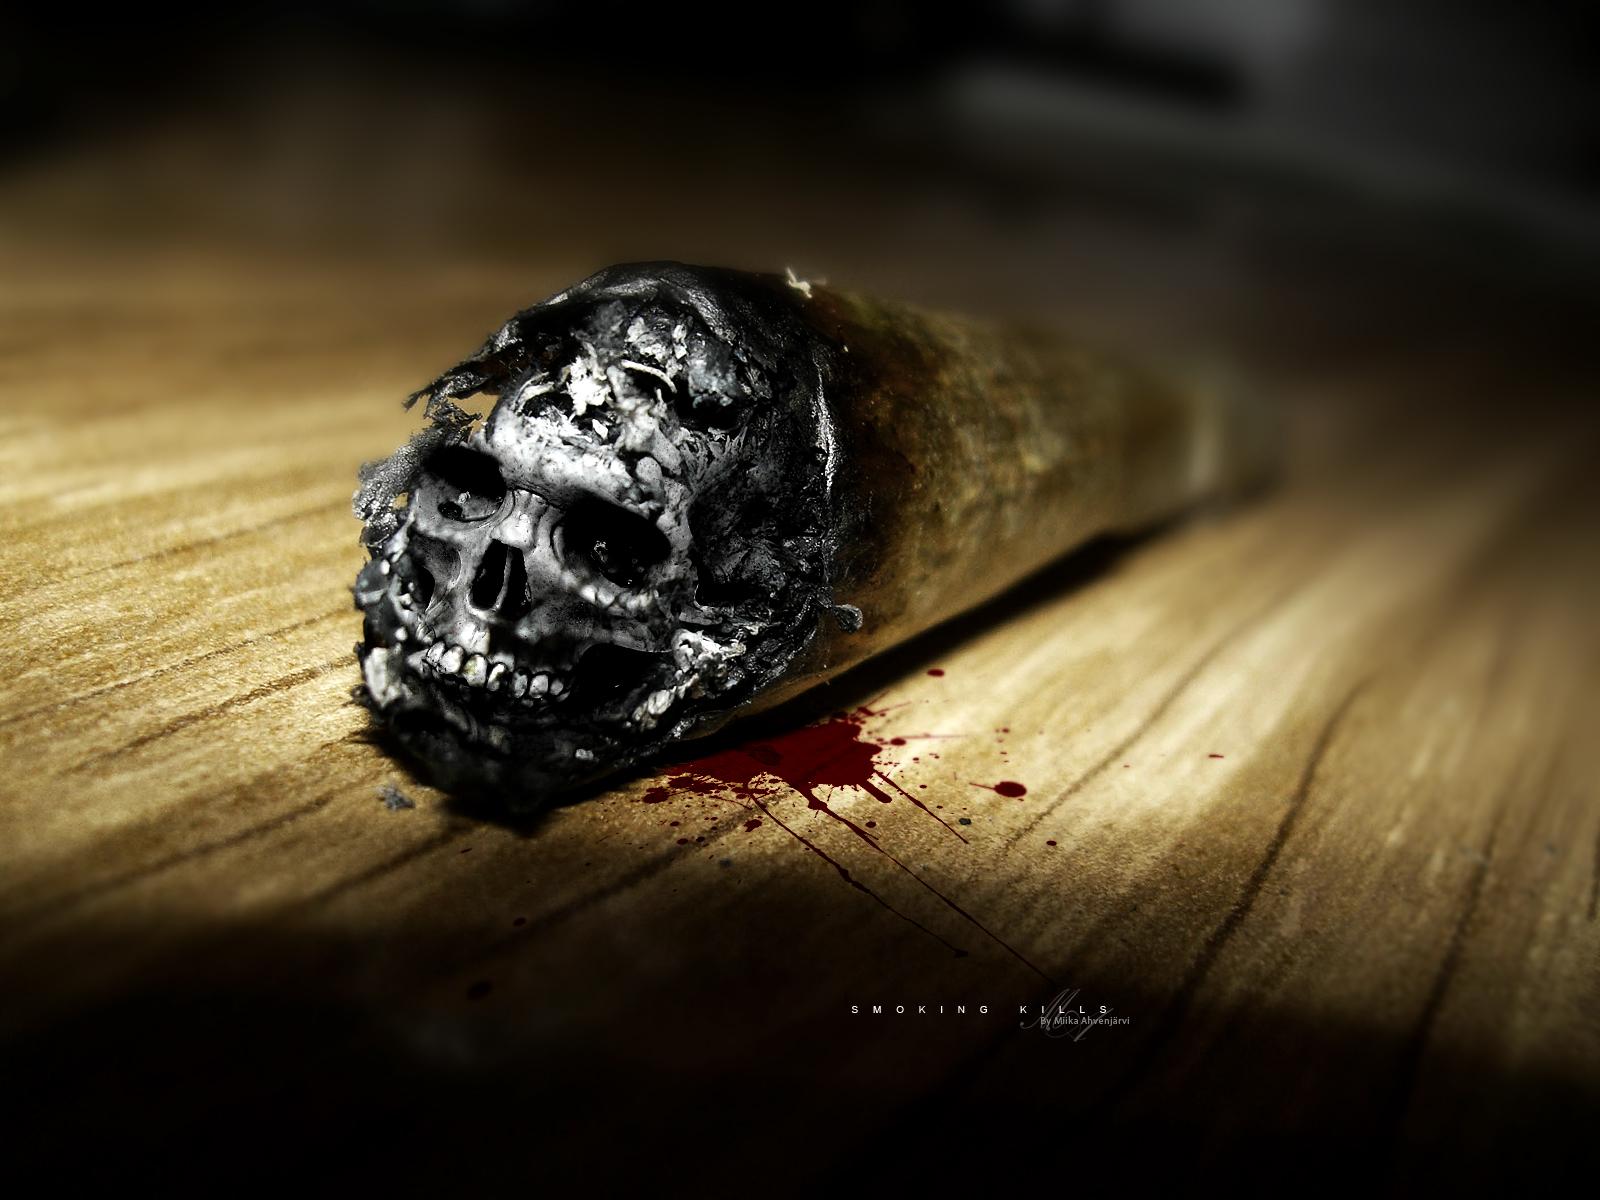 http://4.bp.blogspot.com/-1zQ9GxVP4pk/Te6JeR2-xvI/AAAAAAAAAiE/fGIkcQZ27mQ/s1600/Dark-Skull-37262-83673.jpeg